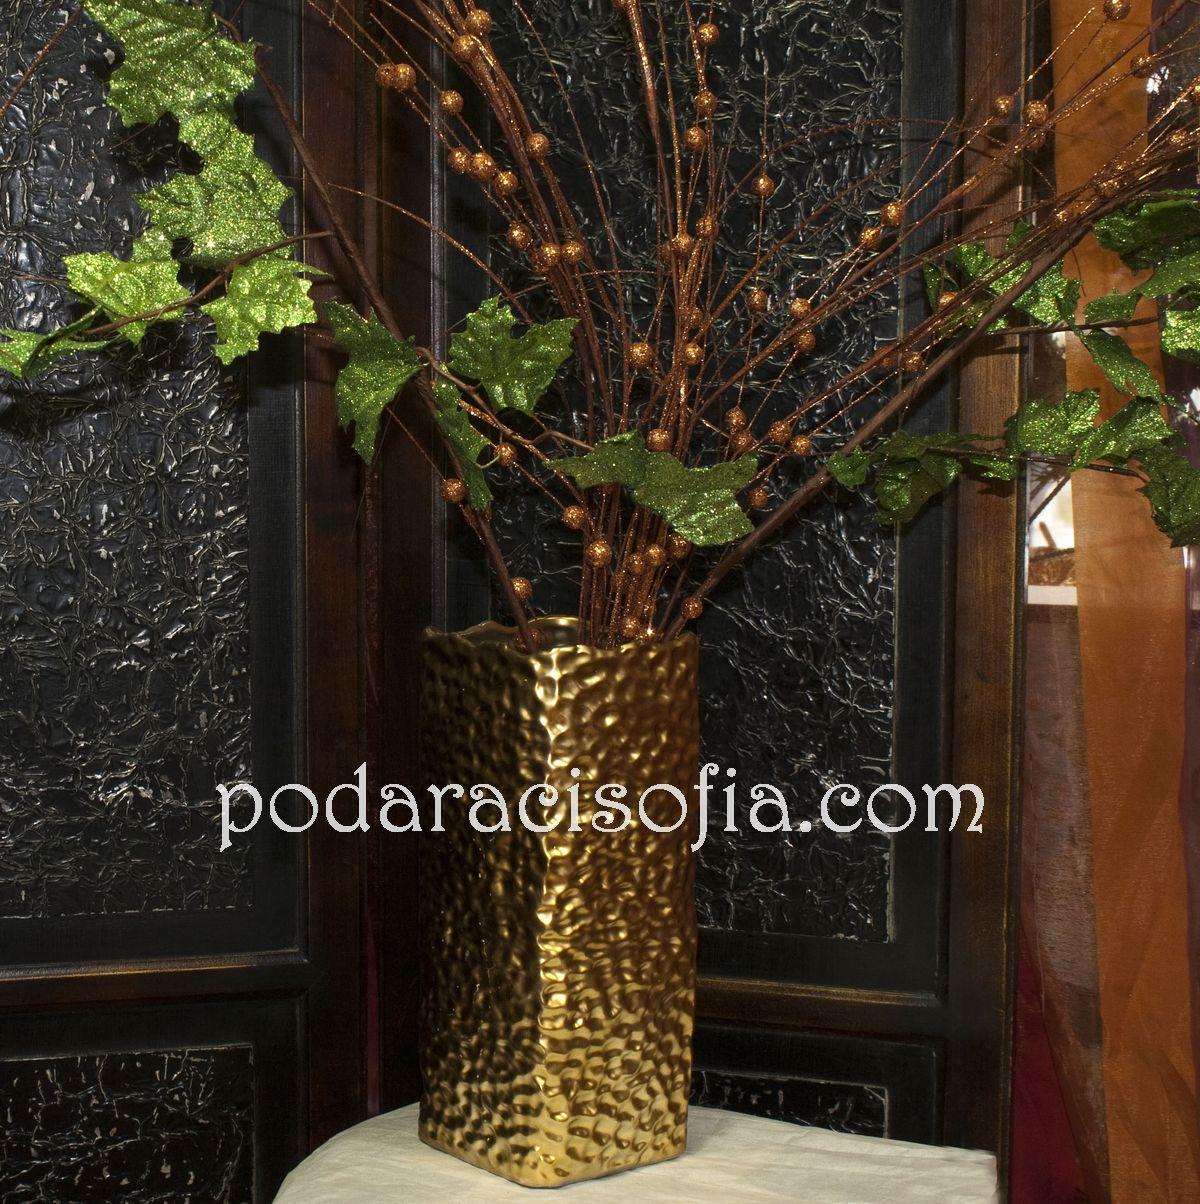 Вазата в златно е пищна и тържествена. Богатата украса в същия стил придава празничност.